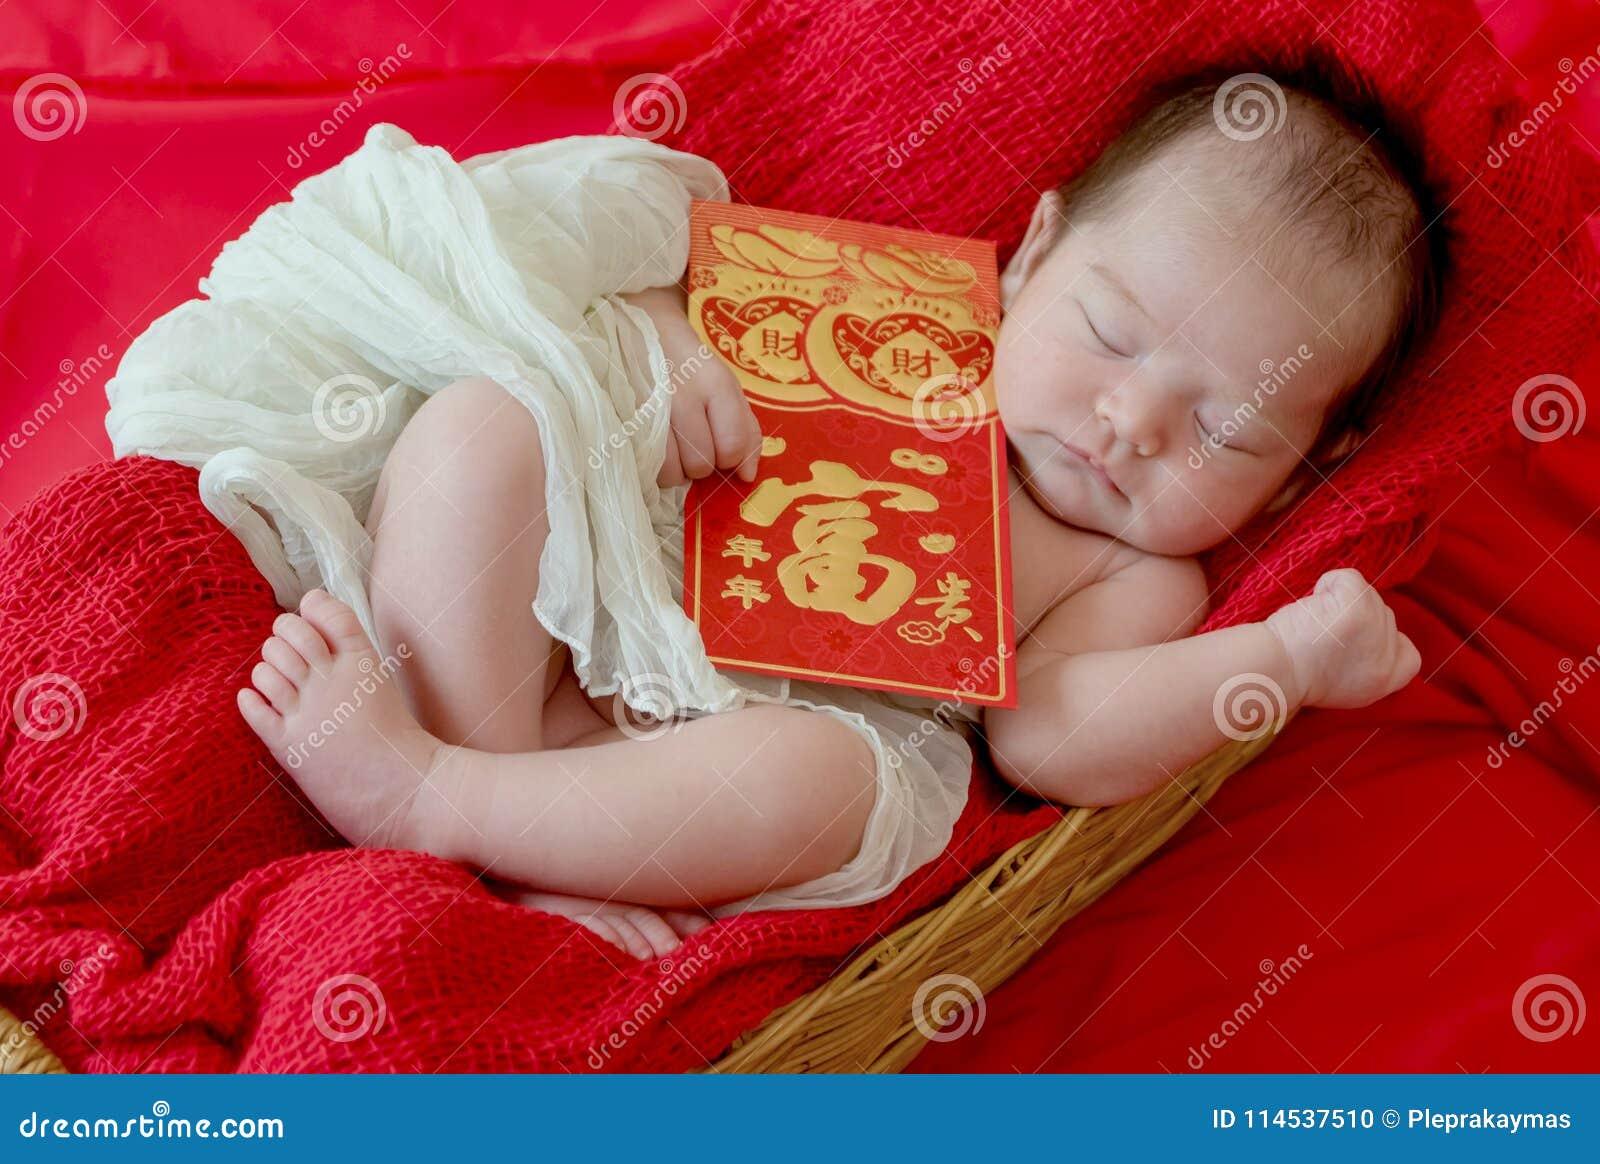 Neonata con il gesto del nuovo anno cinese felice